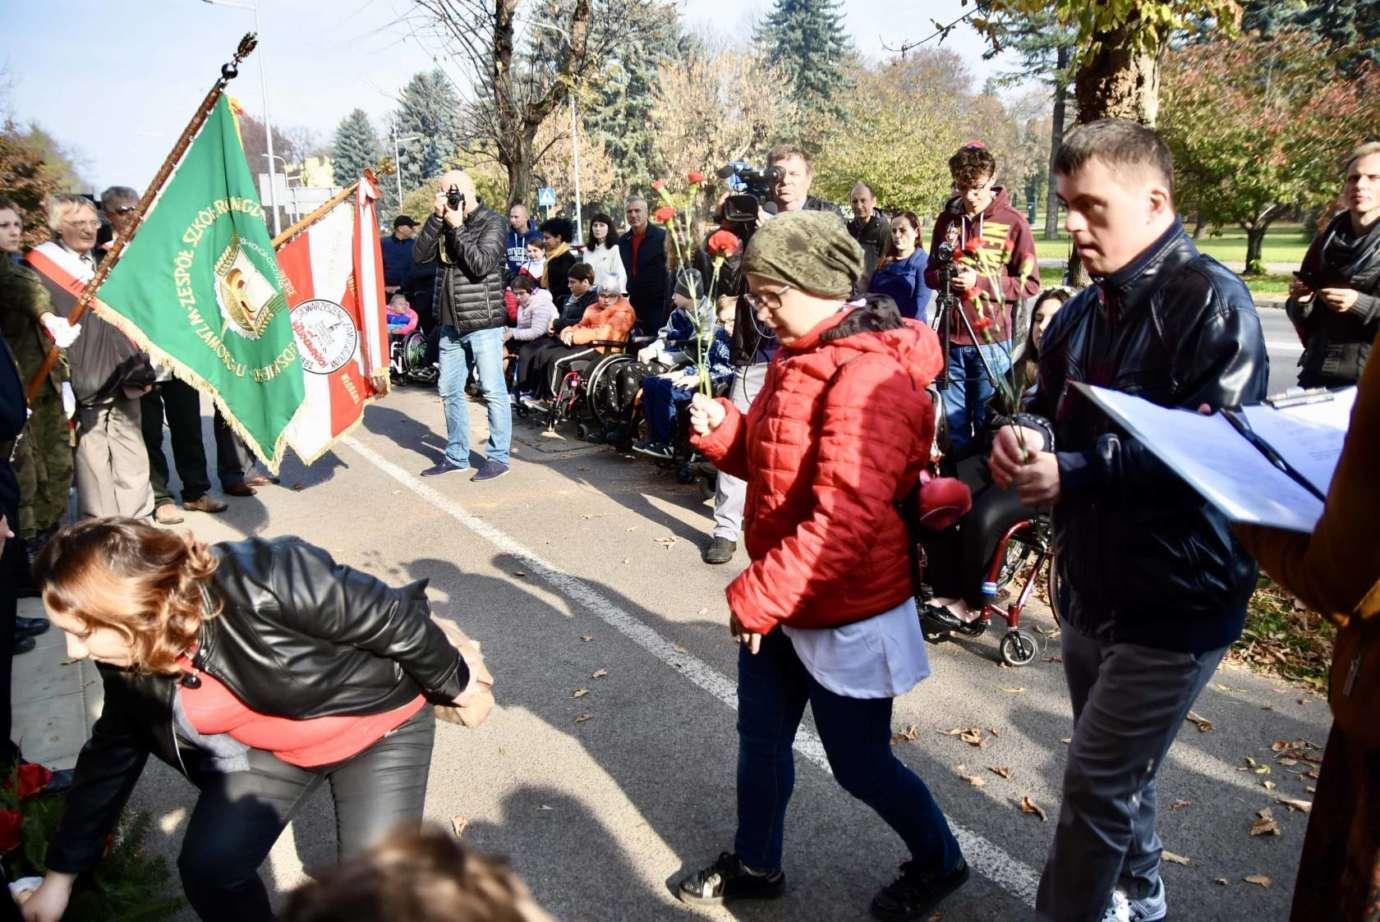 dsc 9504 Zamość: Obchody Narodowego Święta Węgier [ZDJĘCIA, FILM]